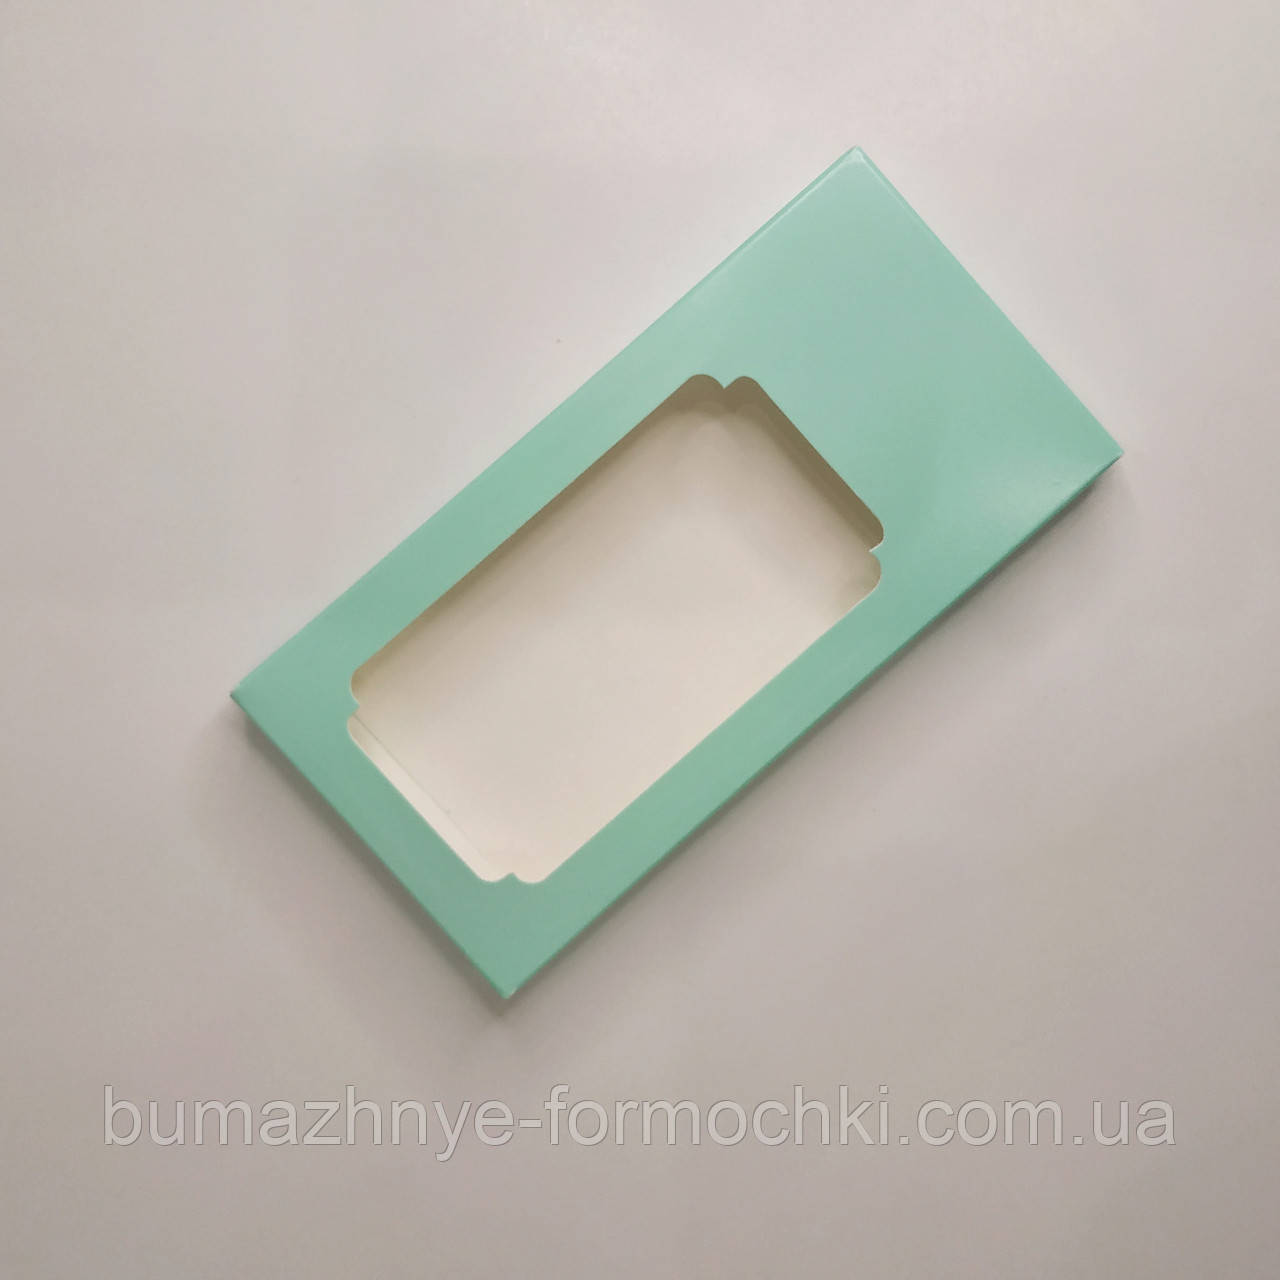 Коробка для шоколада, цвет тиффани, 155х75х11 мм